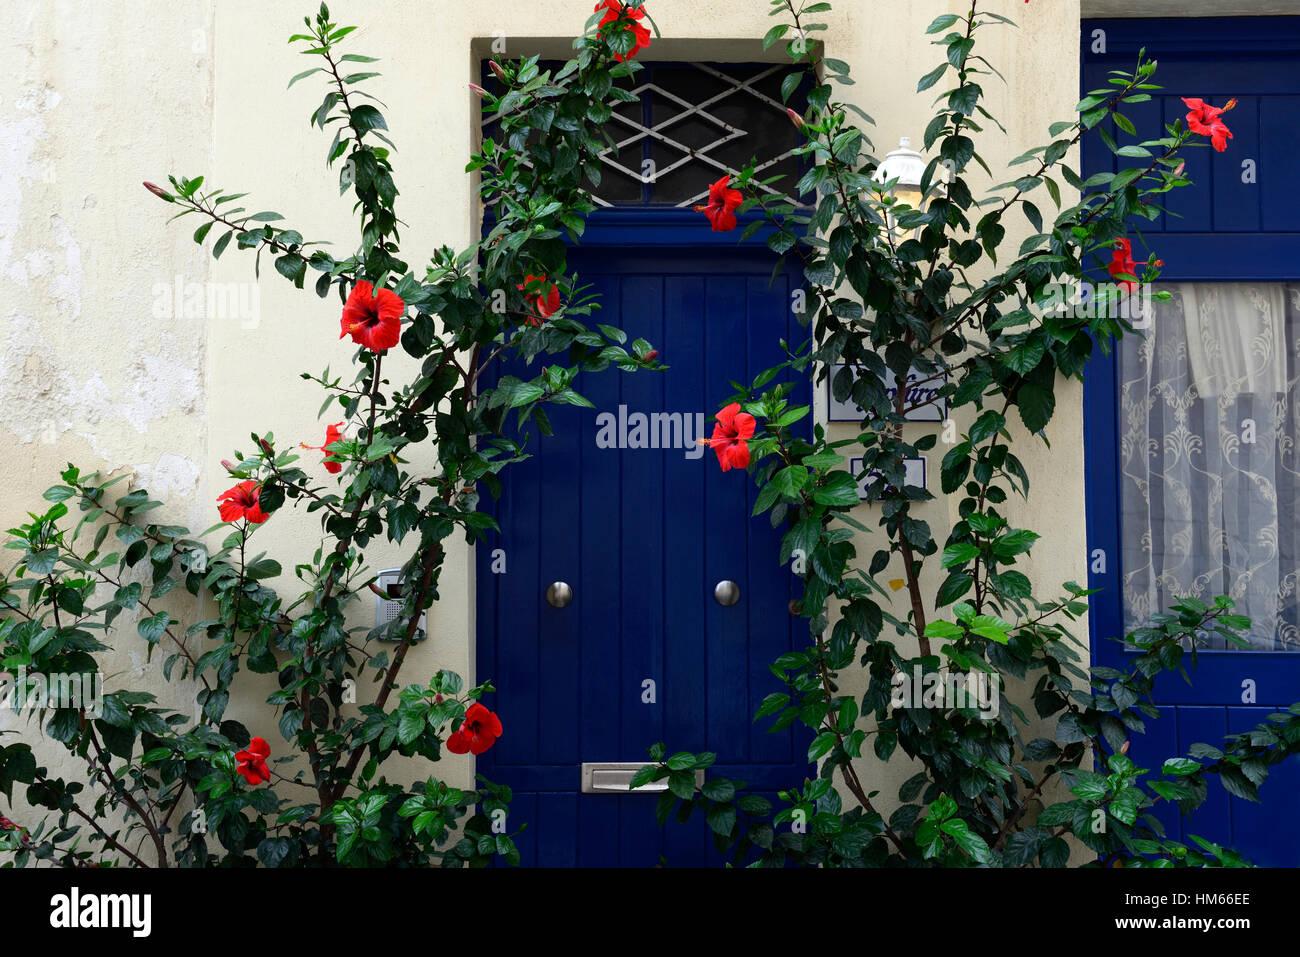 Red hibiscus fiore fiori fioritura porta blu colore colore combinazione giardino mediterraneo giardinaggio floreale Immagini Stock